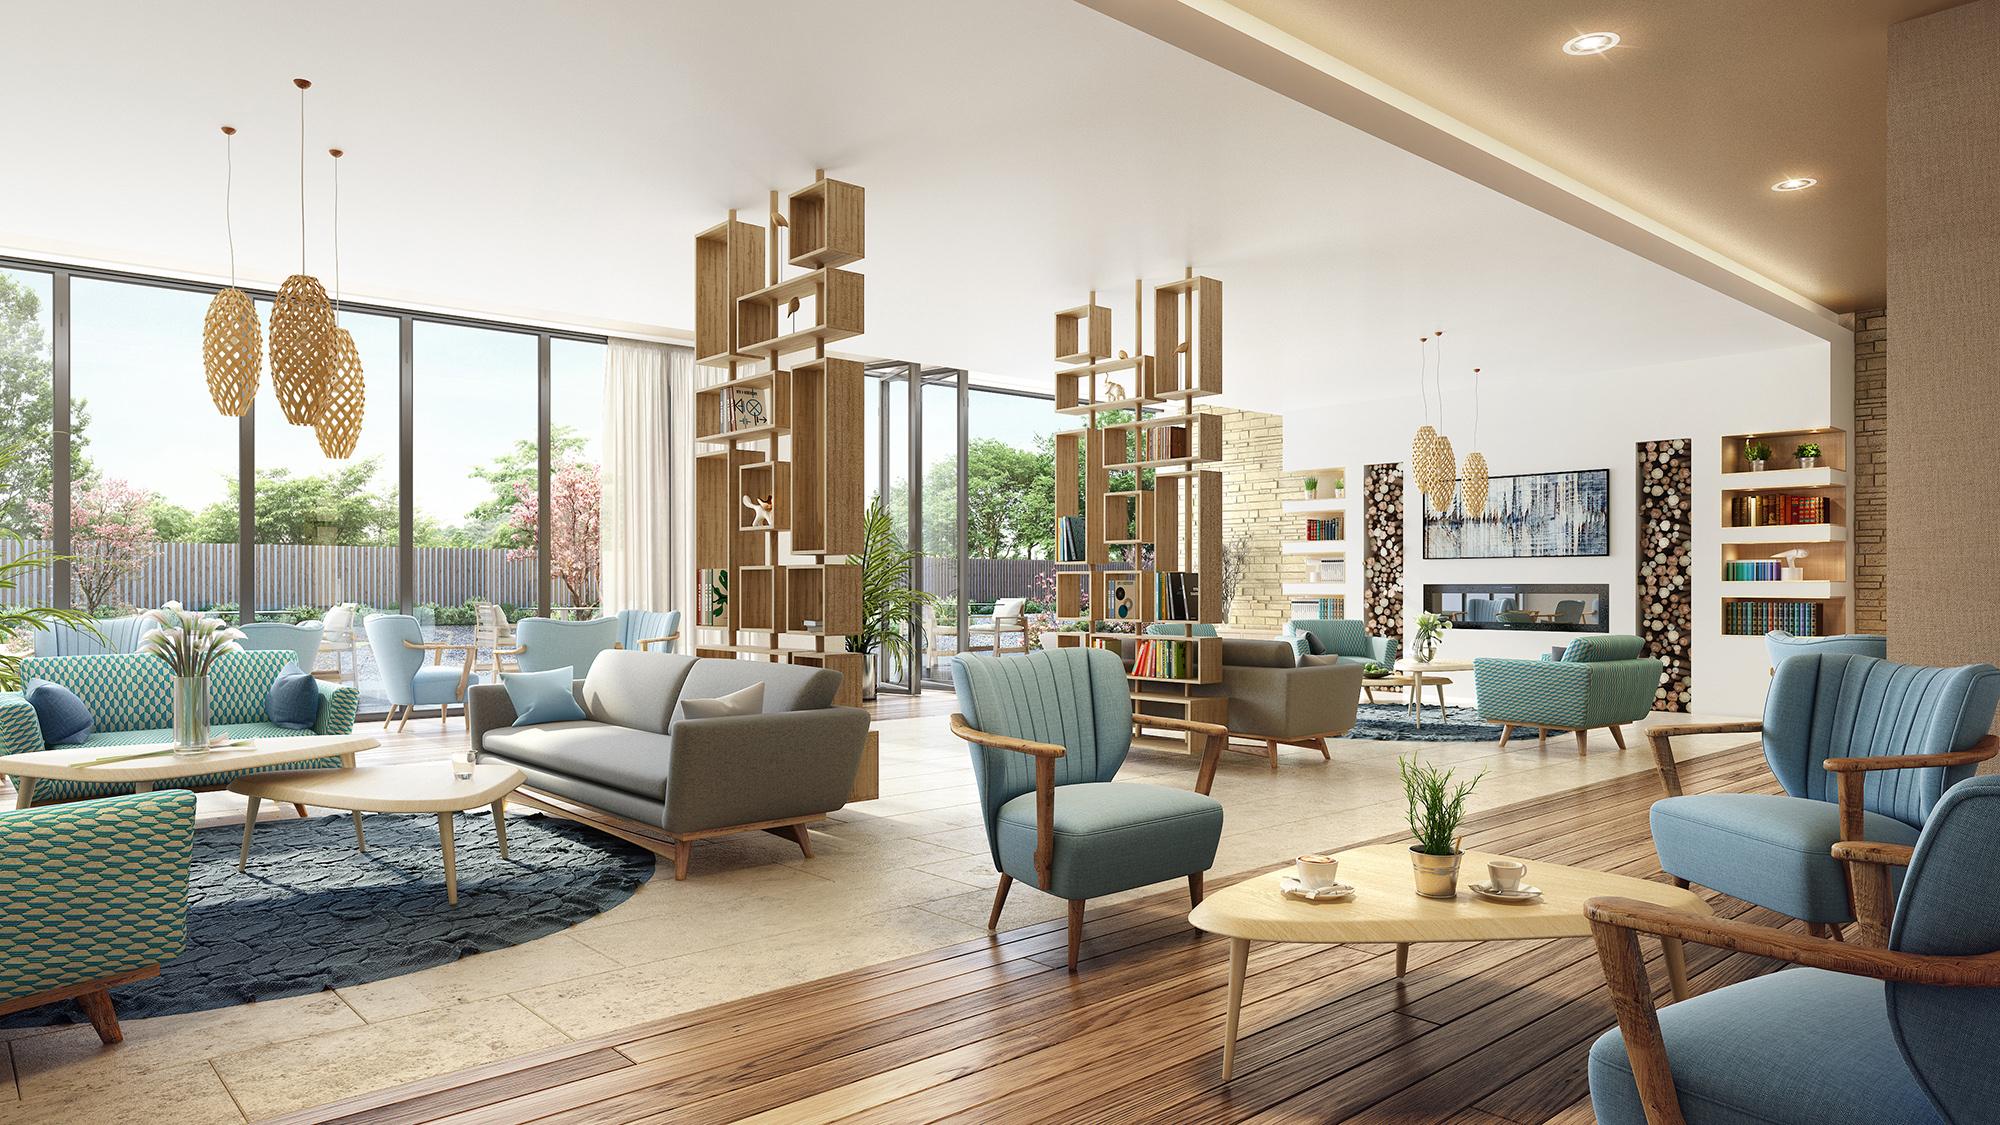 Aménagement et décoration intérieure des espaces communs de la résidence sénior Génération